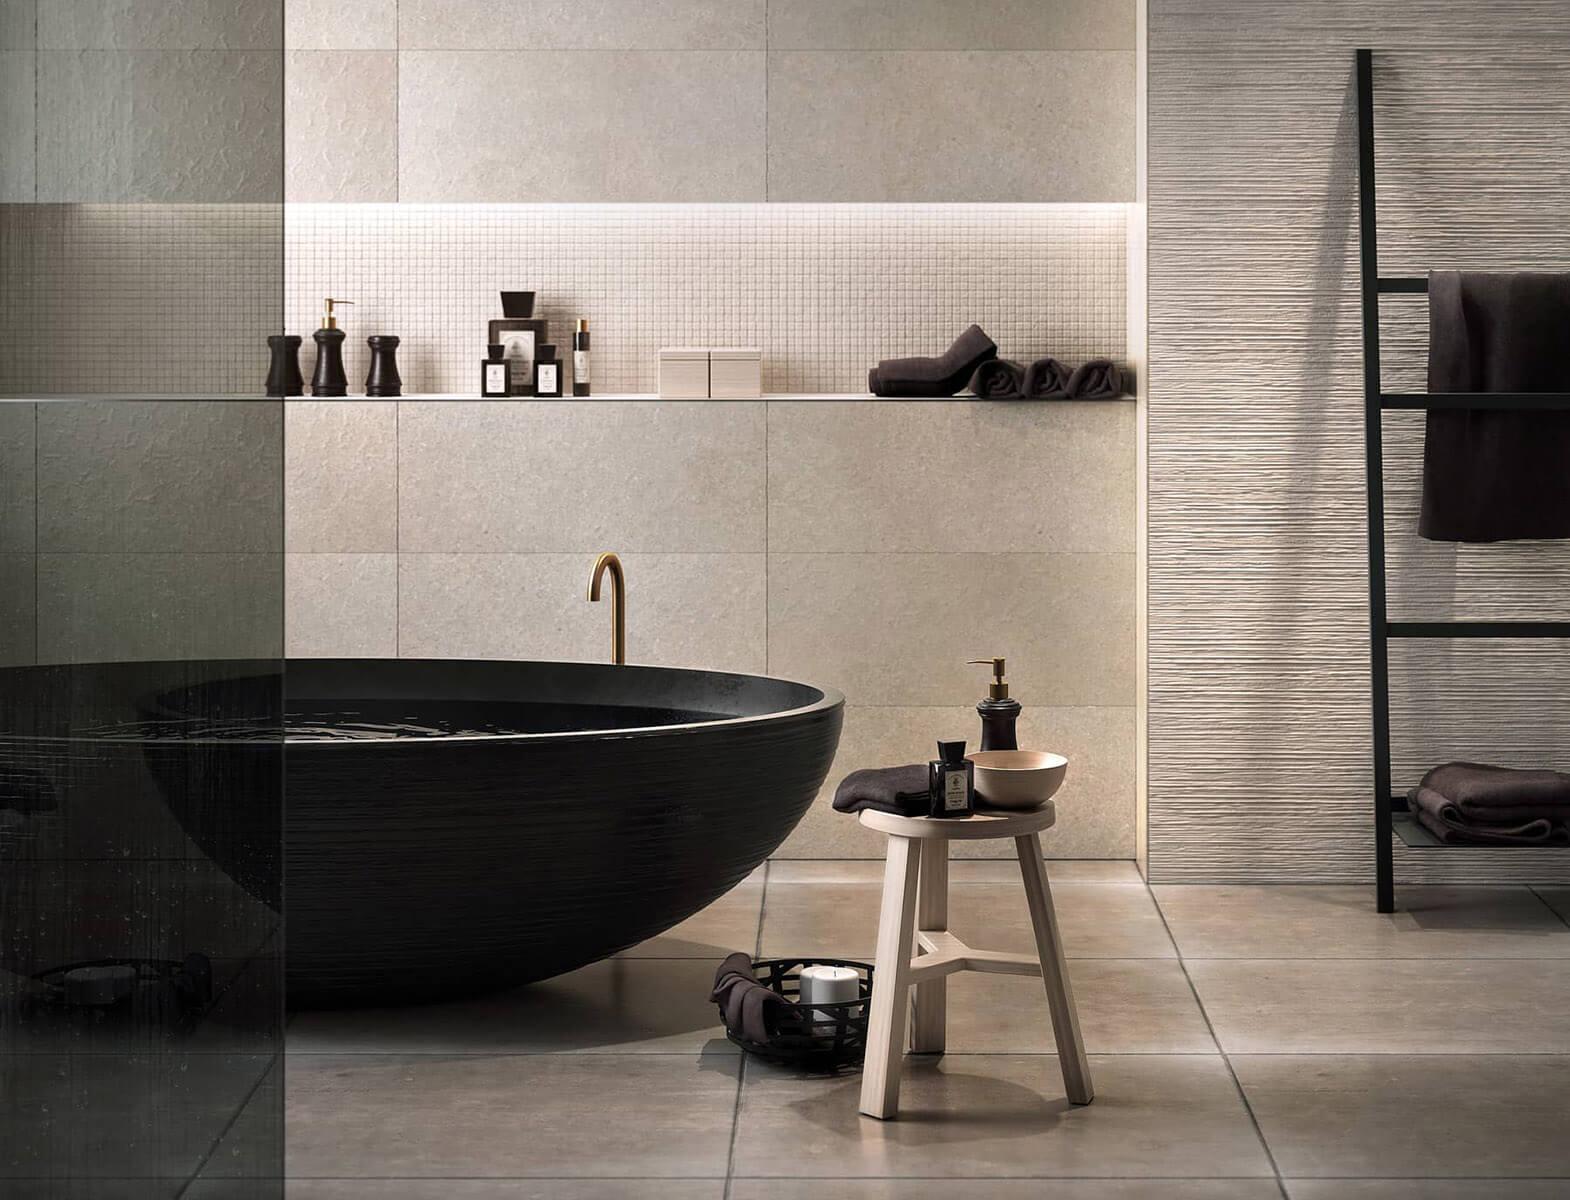 Badezimmer 3d Architektur Visualisierung zurich